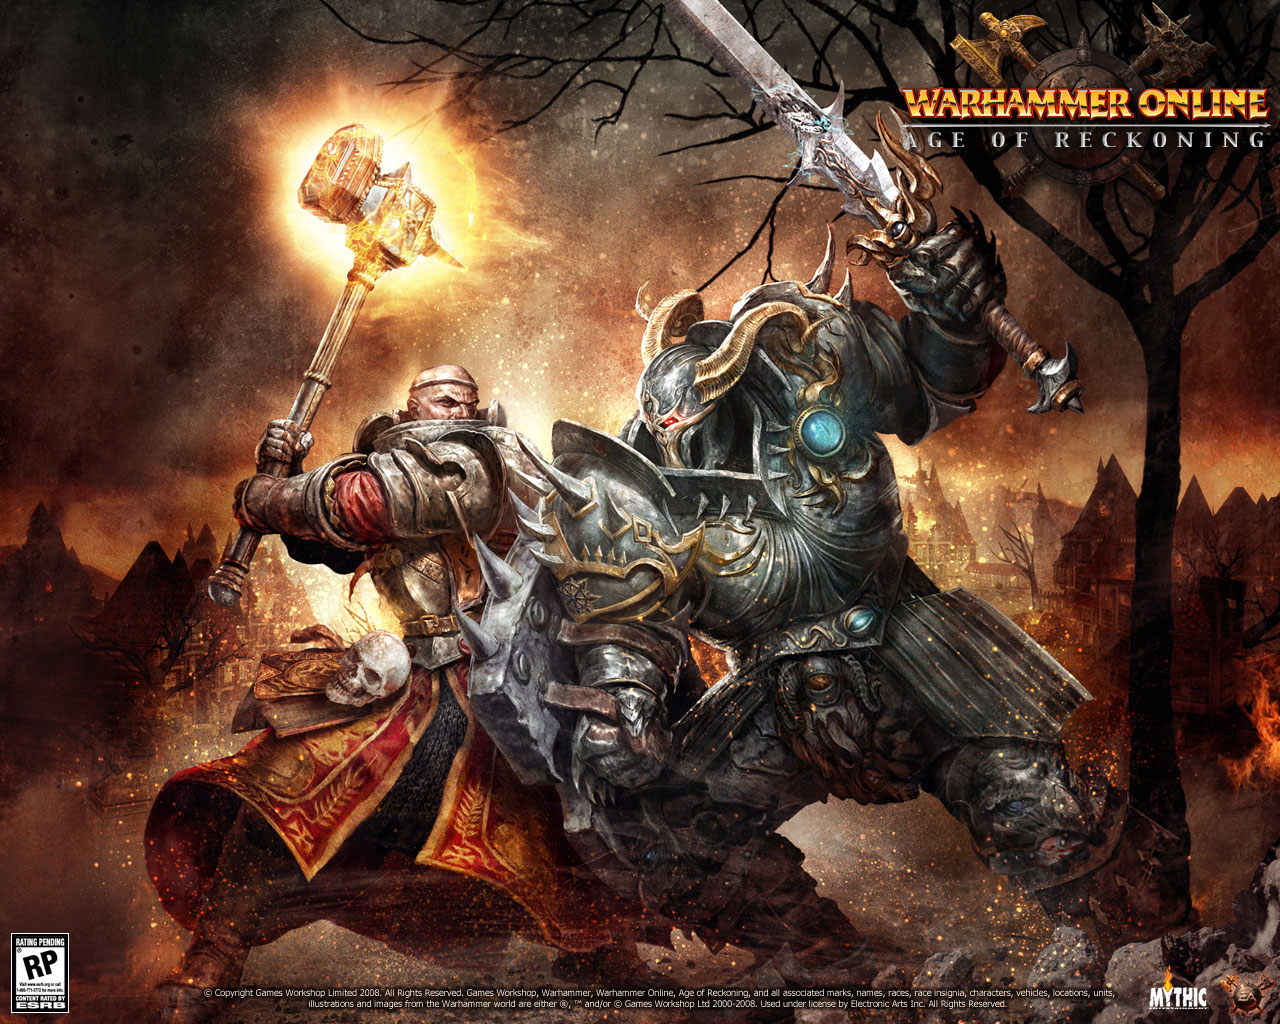 http://4.bp.blogspot.com/_YjKZgzCyIWQ/TBh8e2KGW-I/AAAAAAAACFE/pkLBeLn3ixY/s1600/warhammeronline_wallpaper_1.jpg